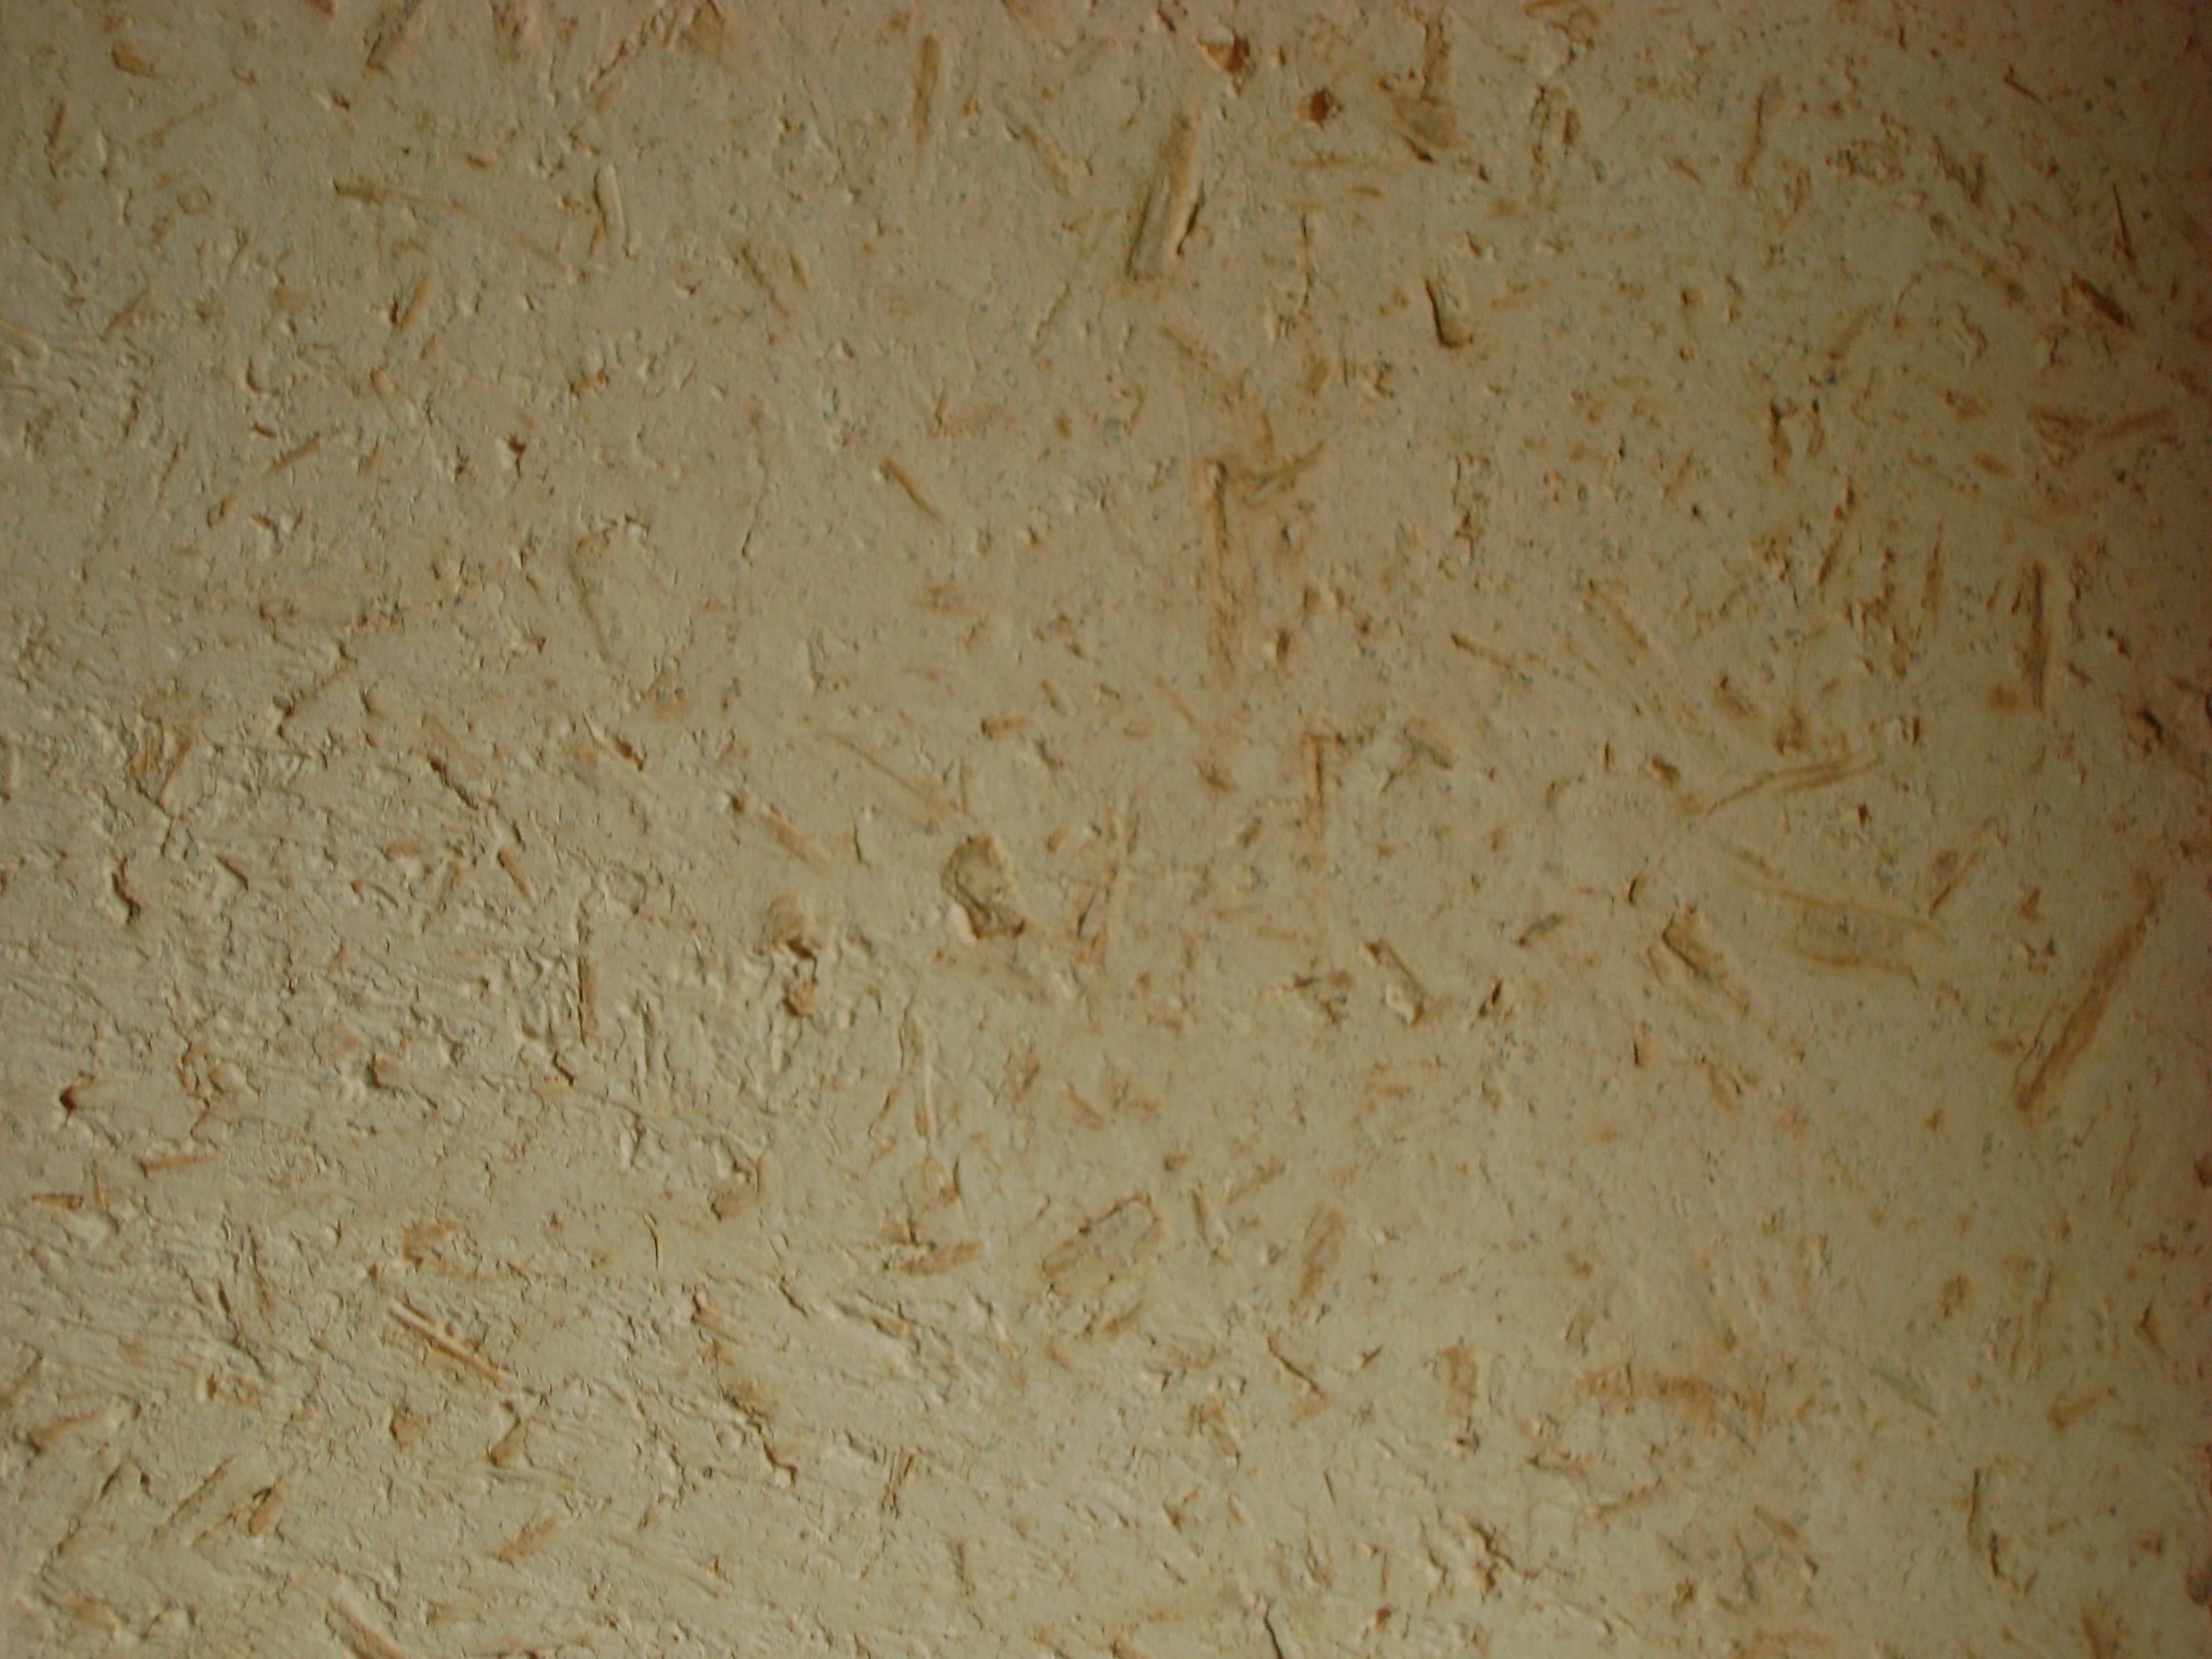 Chaux chanvre biosfaire mat riaux sains - Peinture sur enduit chaux ...